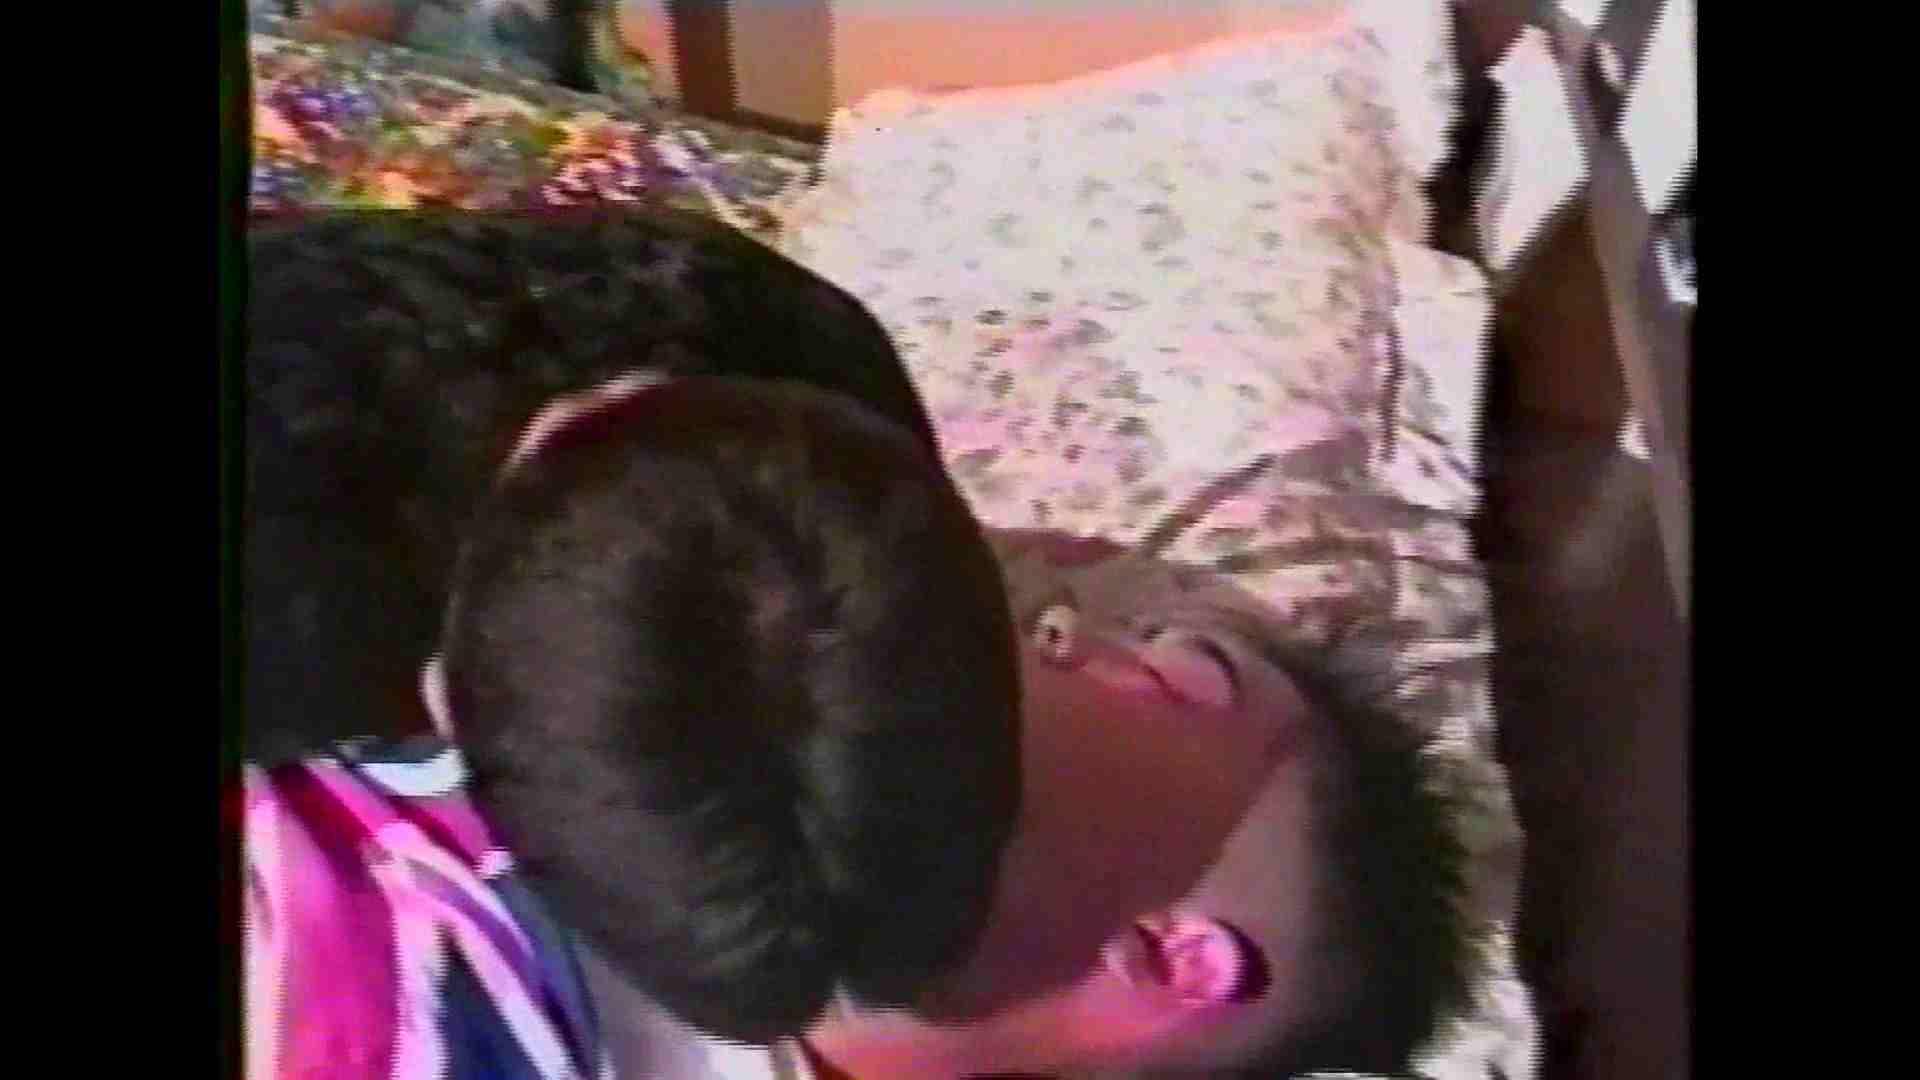 GAYBOY宏のオカズ倉庫Vol.12-1 ゲイ達のペニス ゲイAV画像 6枚 2